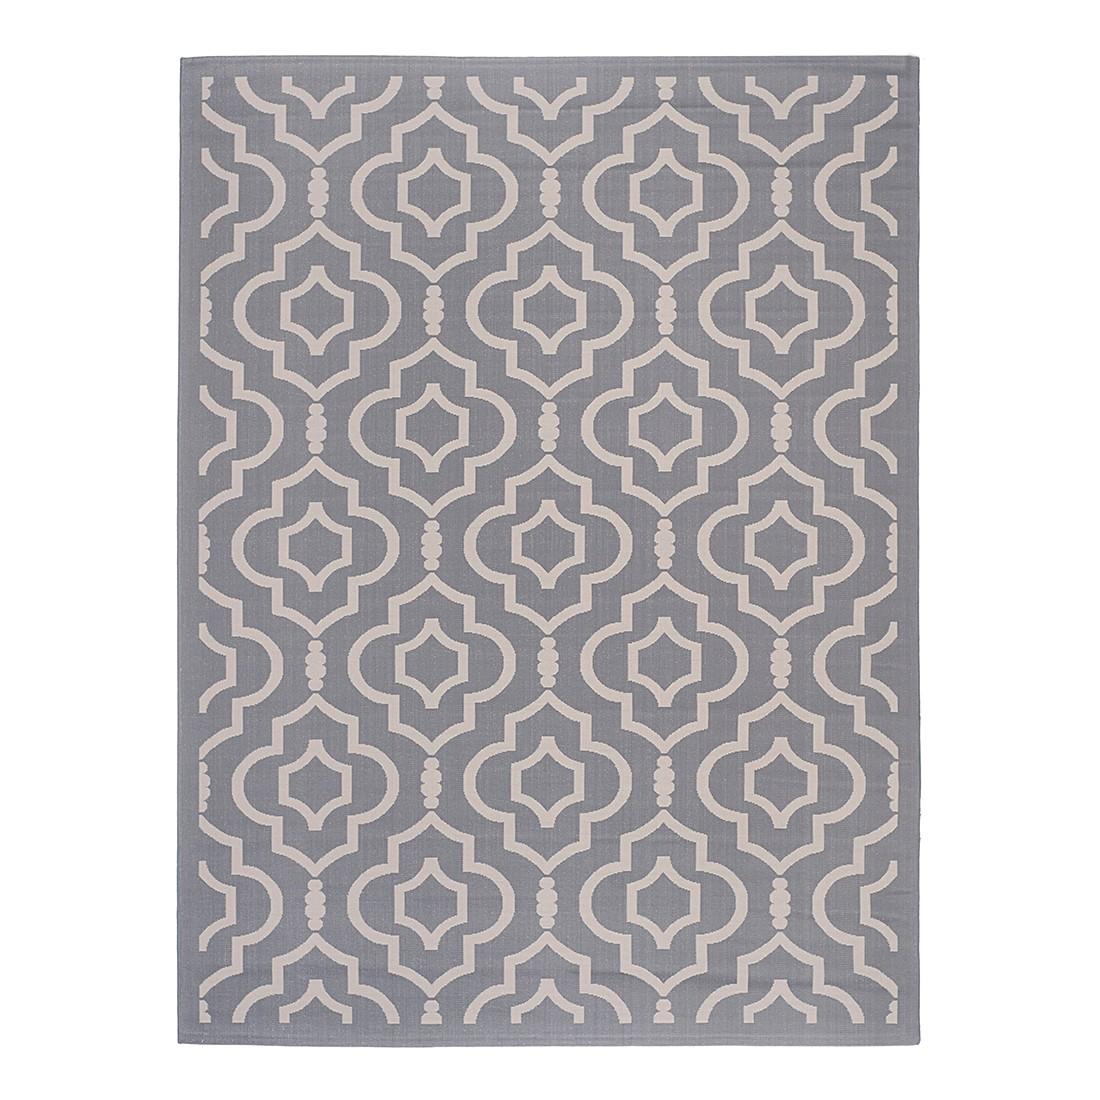 In-/Outdoorteppich Mykonos - Anthrazit/Beige - Maße: 161 x 232 cm, Safavieh